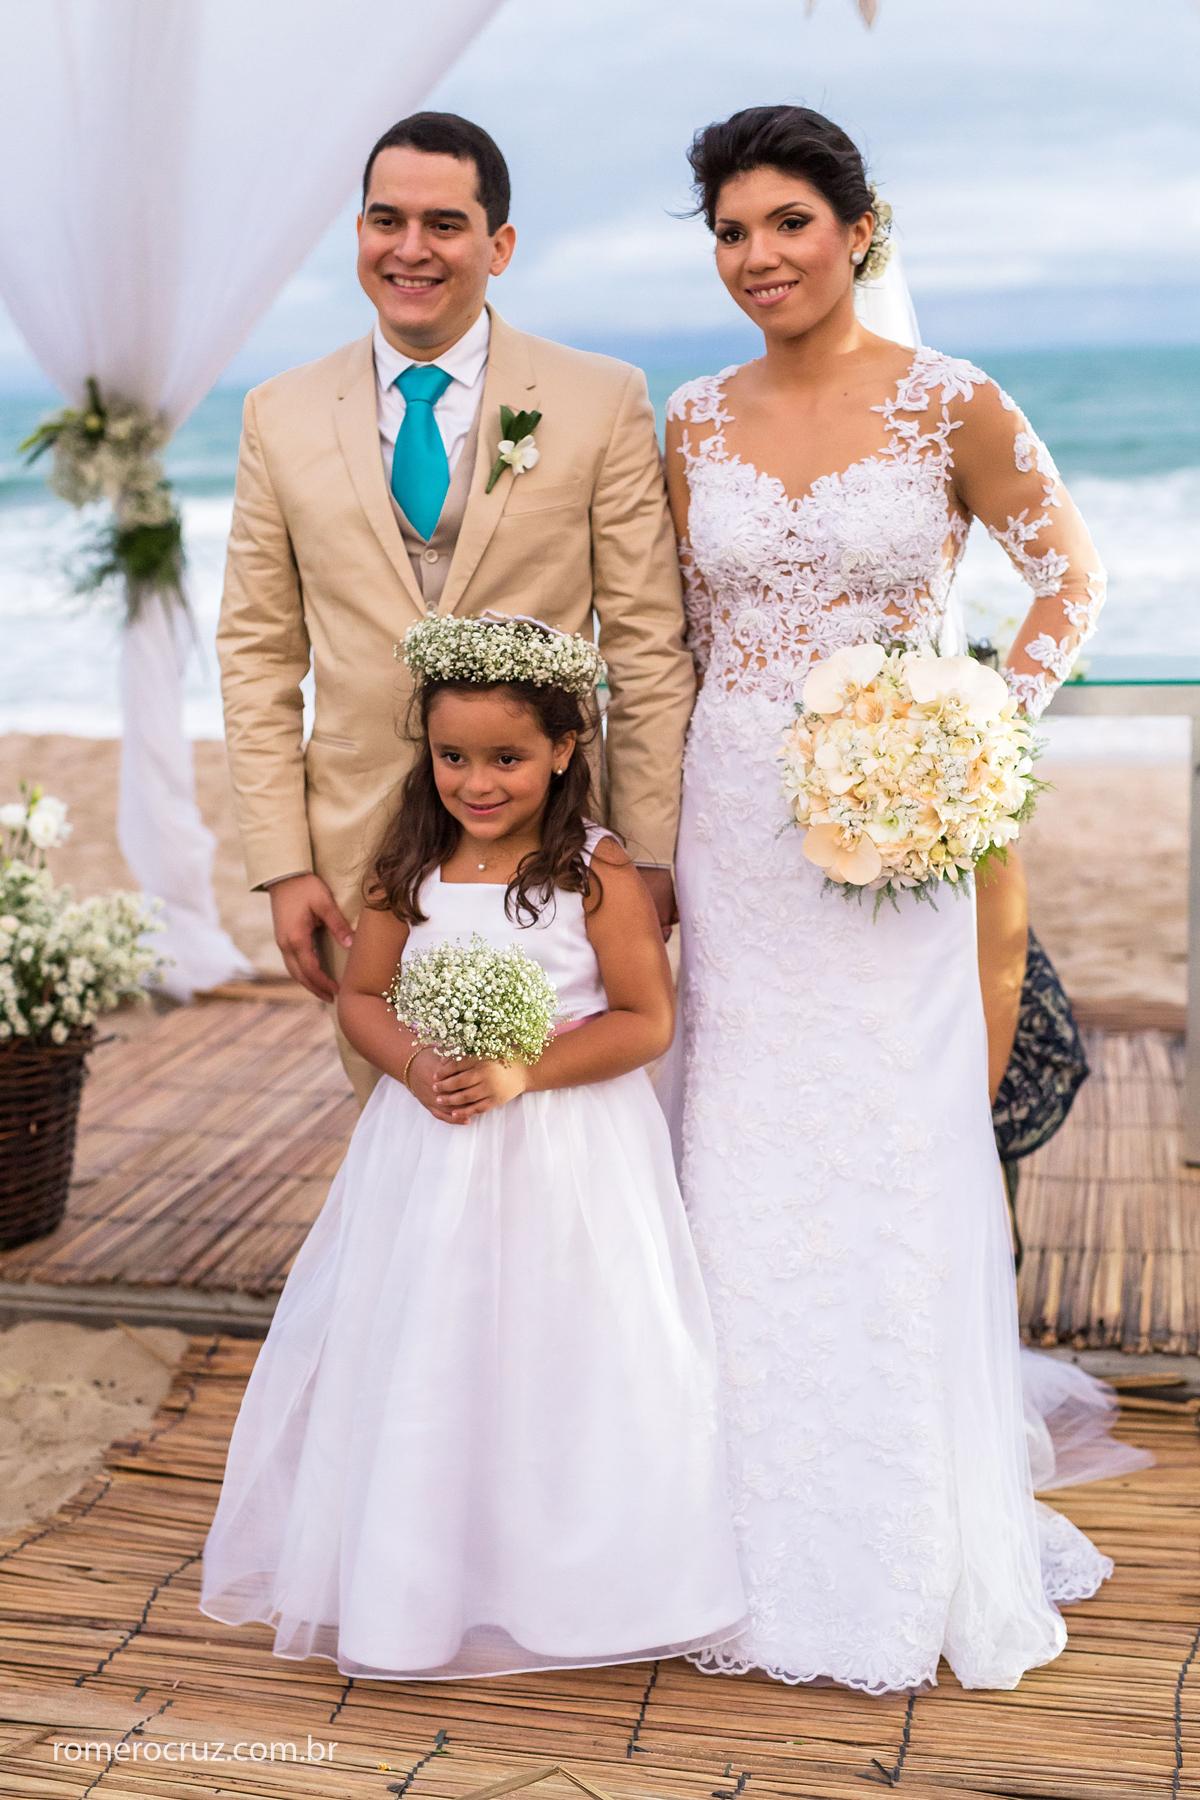 Casal de noivo lindo com sua daminha no casamento na praia do paiva em Pernambuco